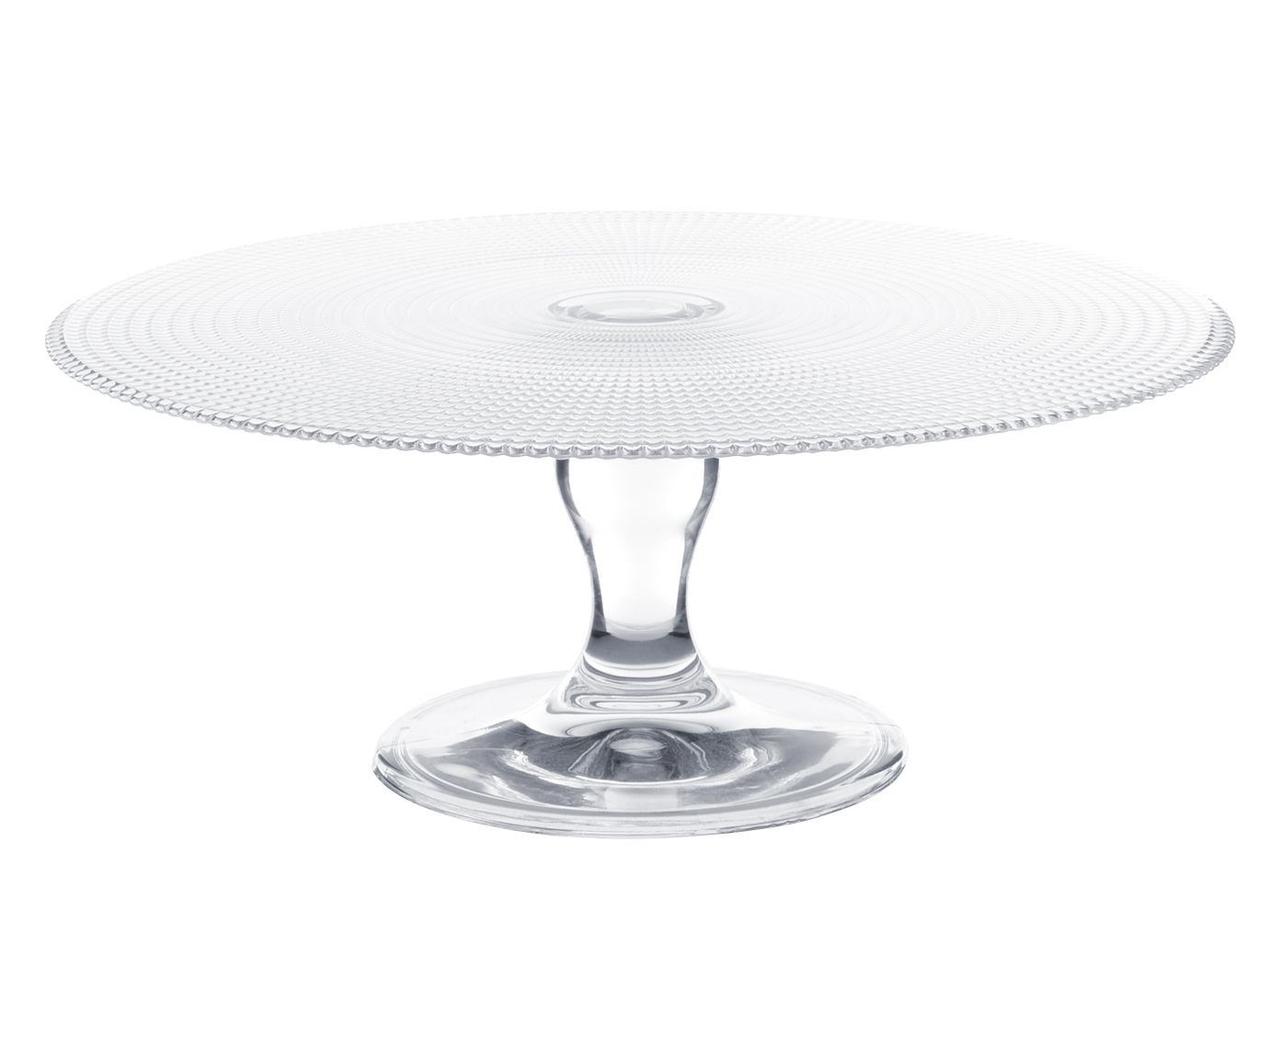 Prato Para Bolo Patisserie  em vidro - 28cm